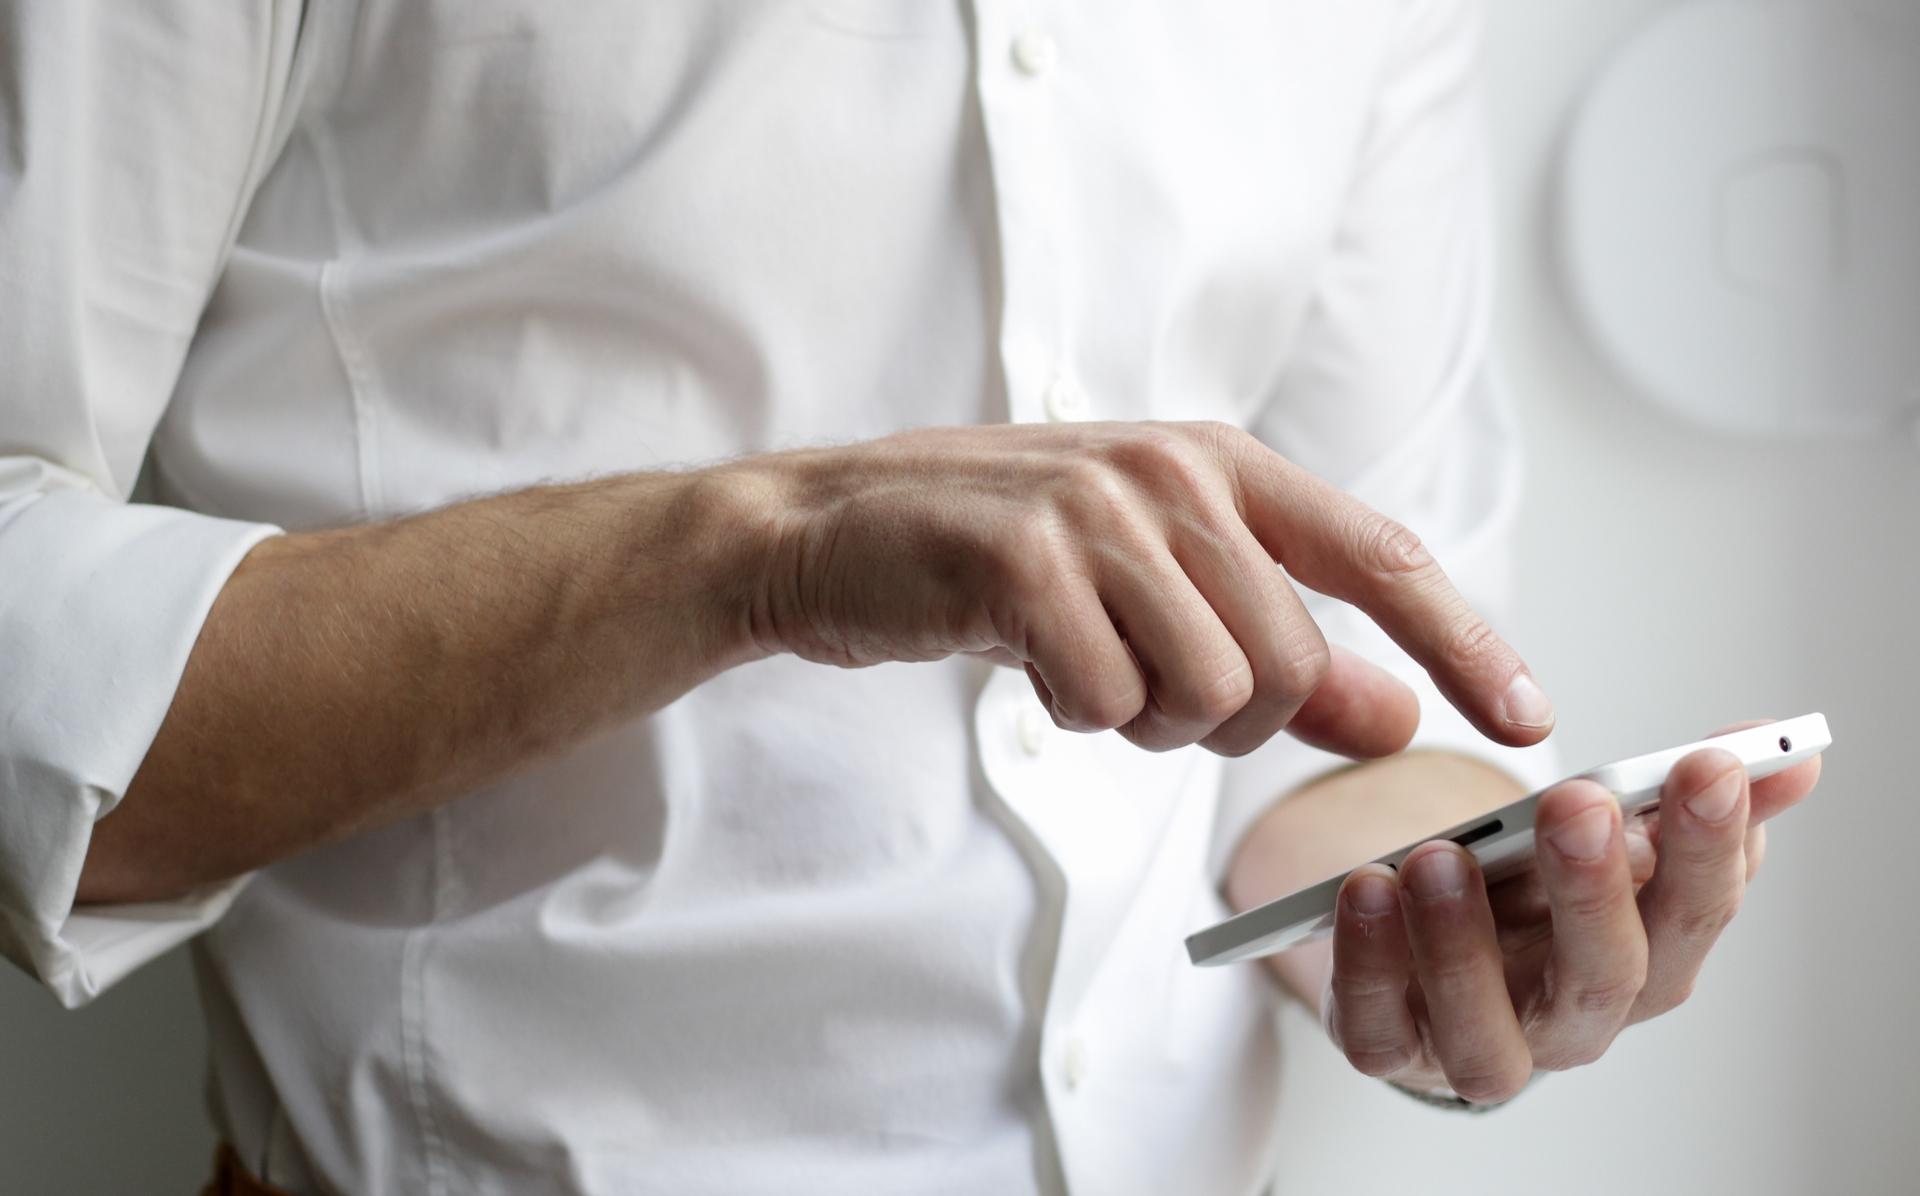 baltic-amadeus-sukurta-mobilioji-aplikacija-leis-valdyti-visas-mobiliojo-rysio-saskaitas-ir-paslaugas-telefone-24-7